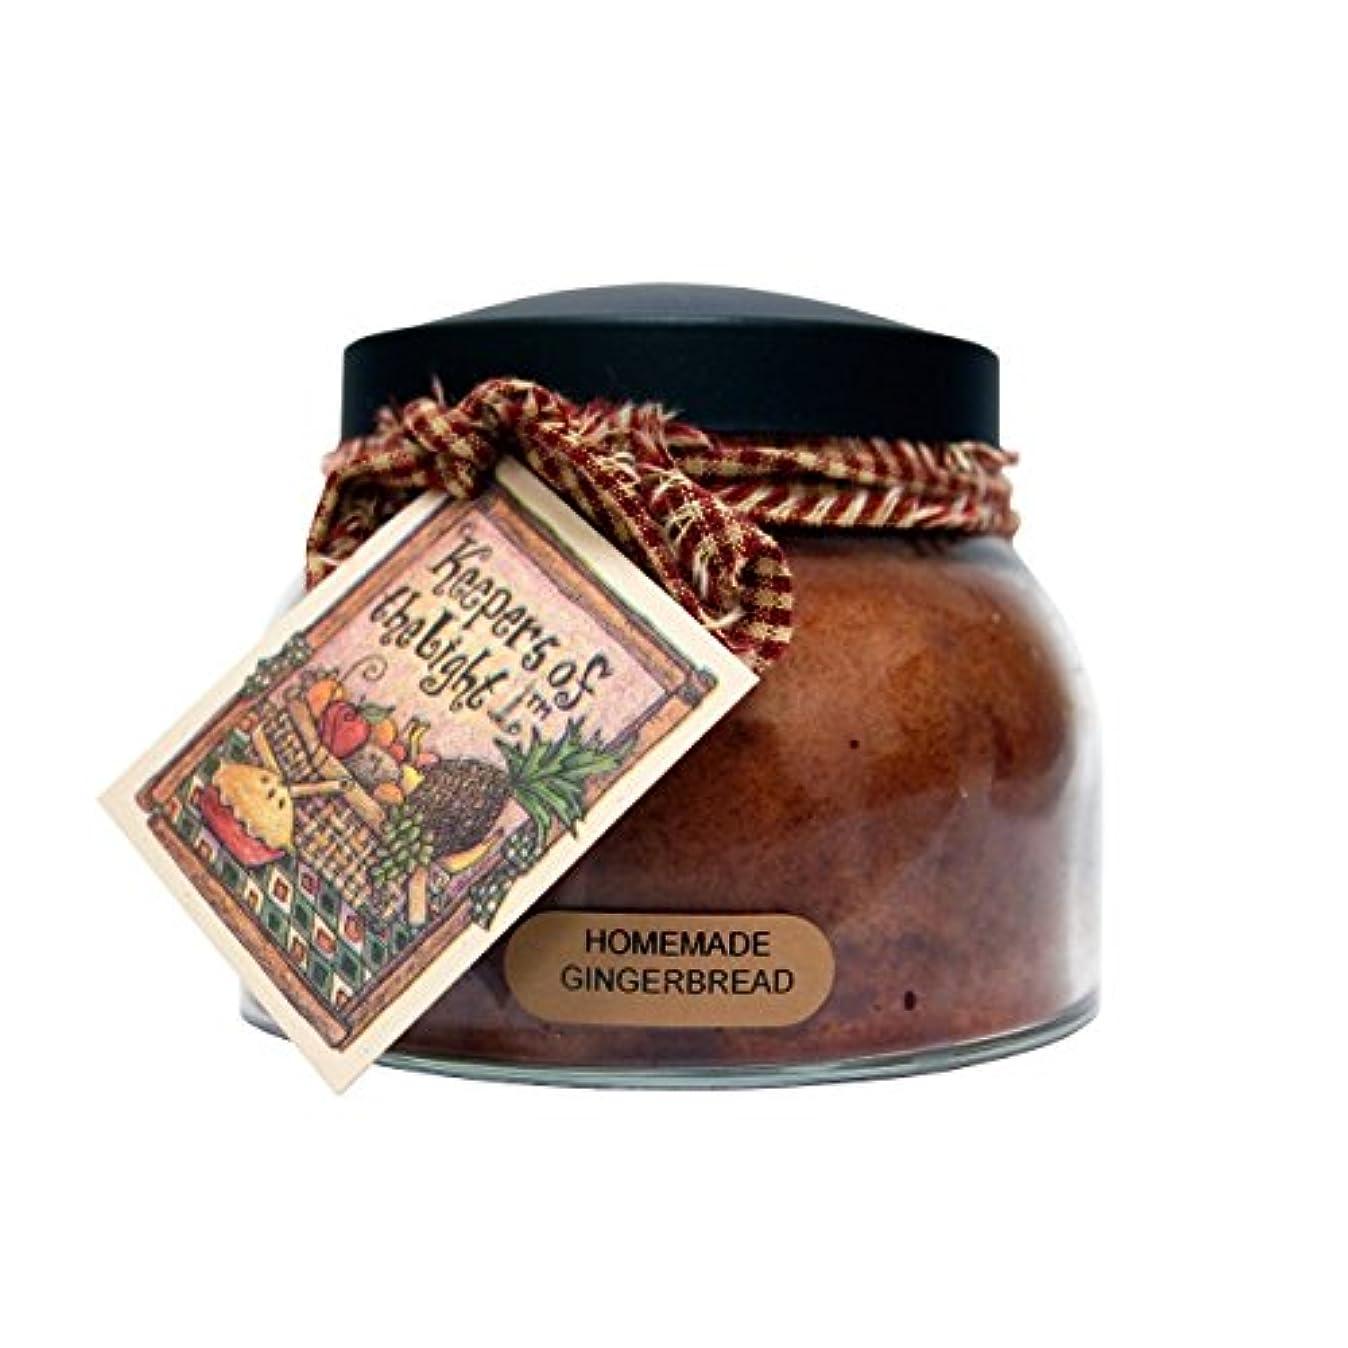 アナニバー増加するシャイA Cheerful Giver Homemade Gingerbread Mama Jar Candle, 22-Ounce by Cheerful Giver [並行輸入品]